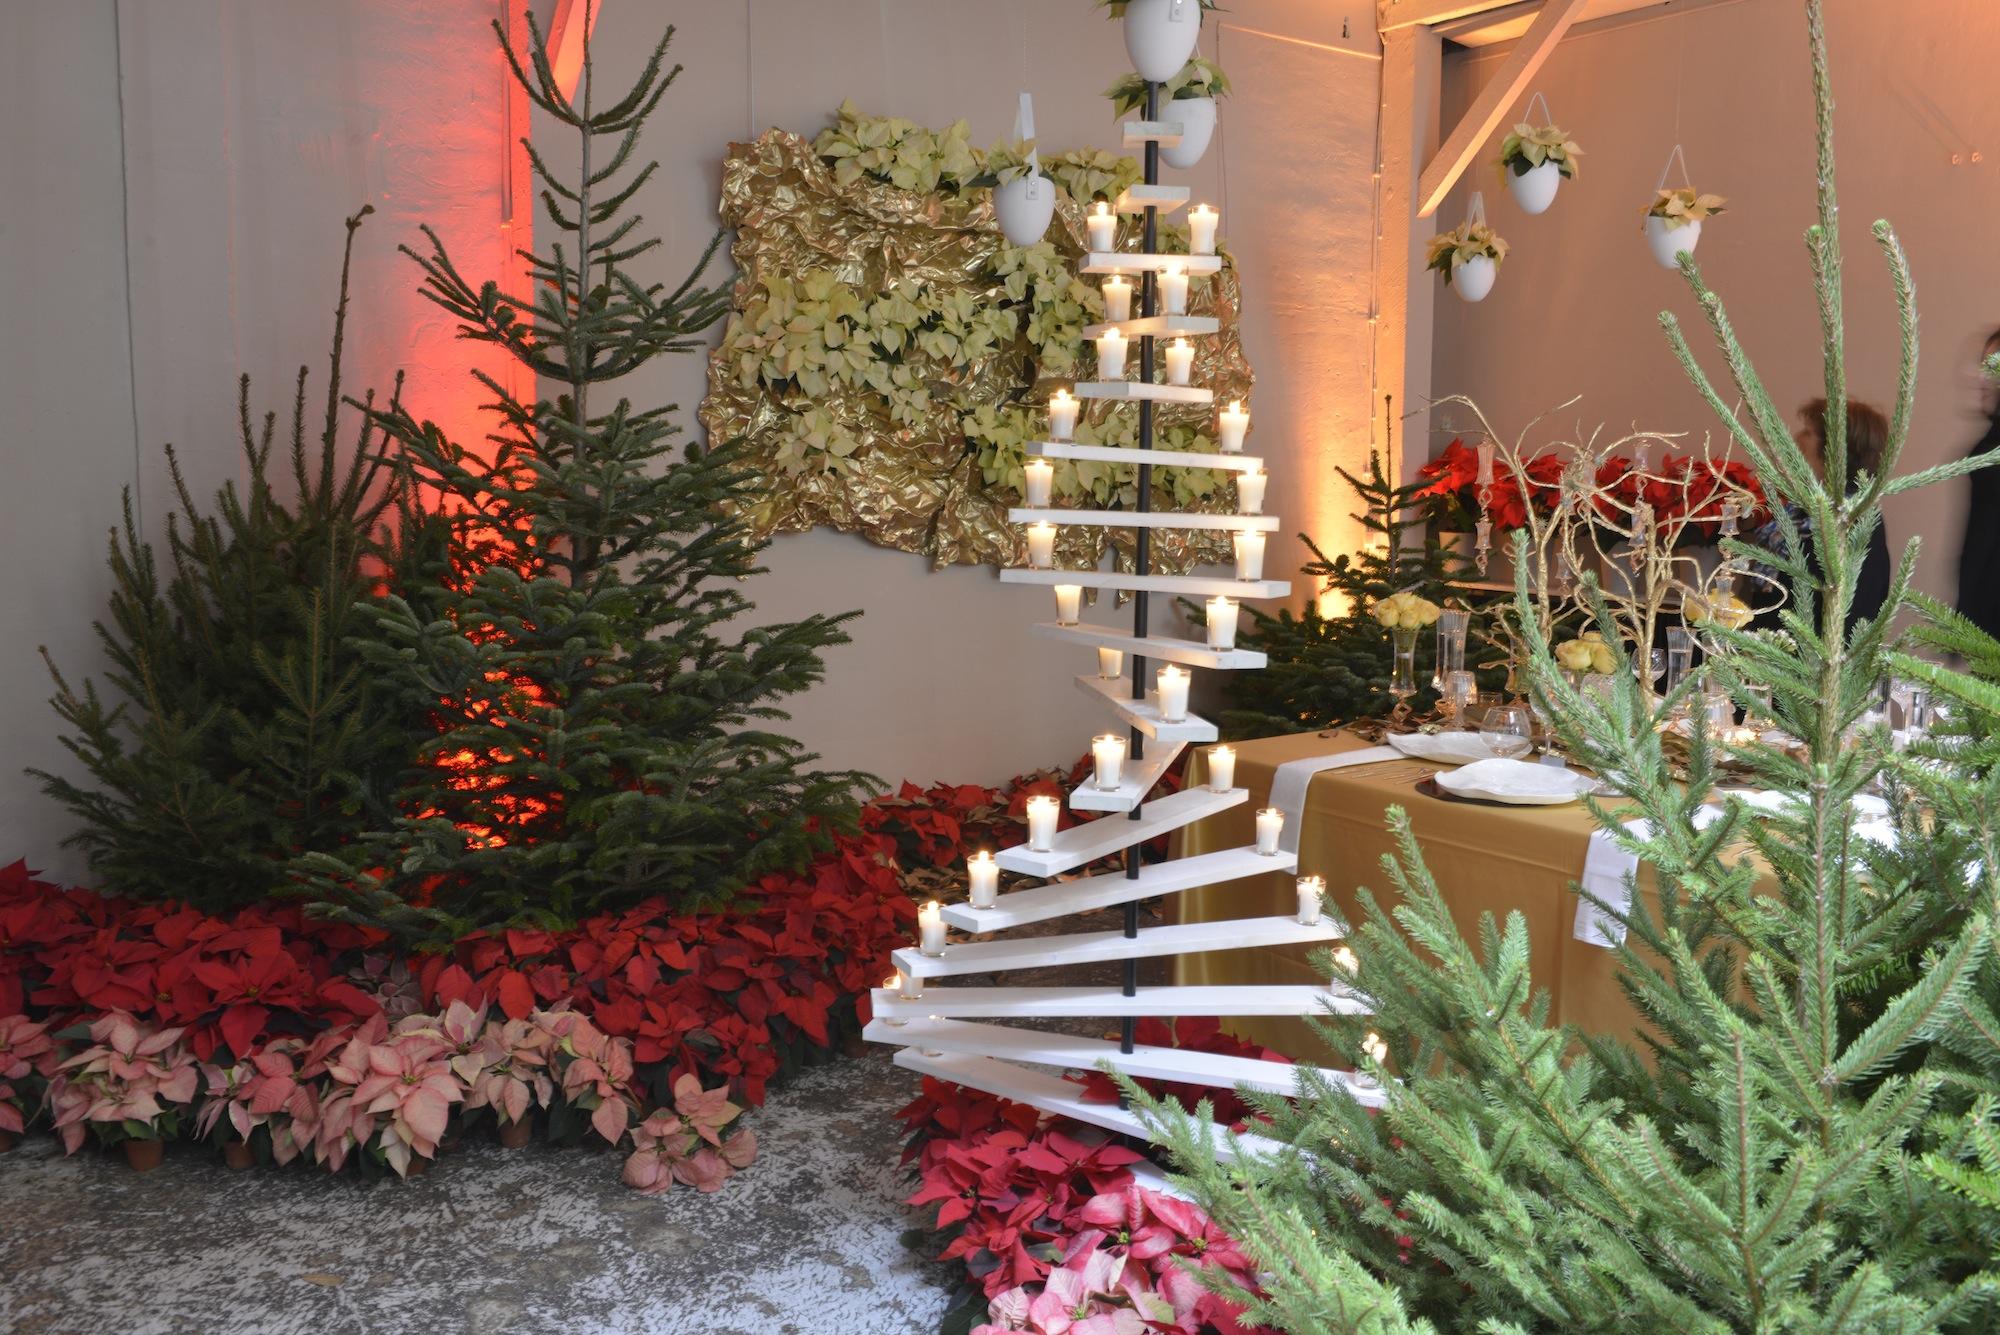 9 ideas originales para decorar con poinsettias en navidad for Decoracion original